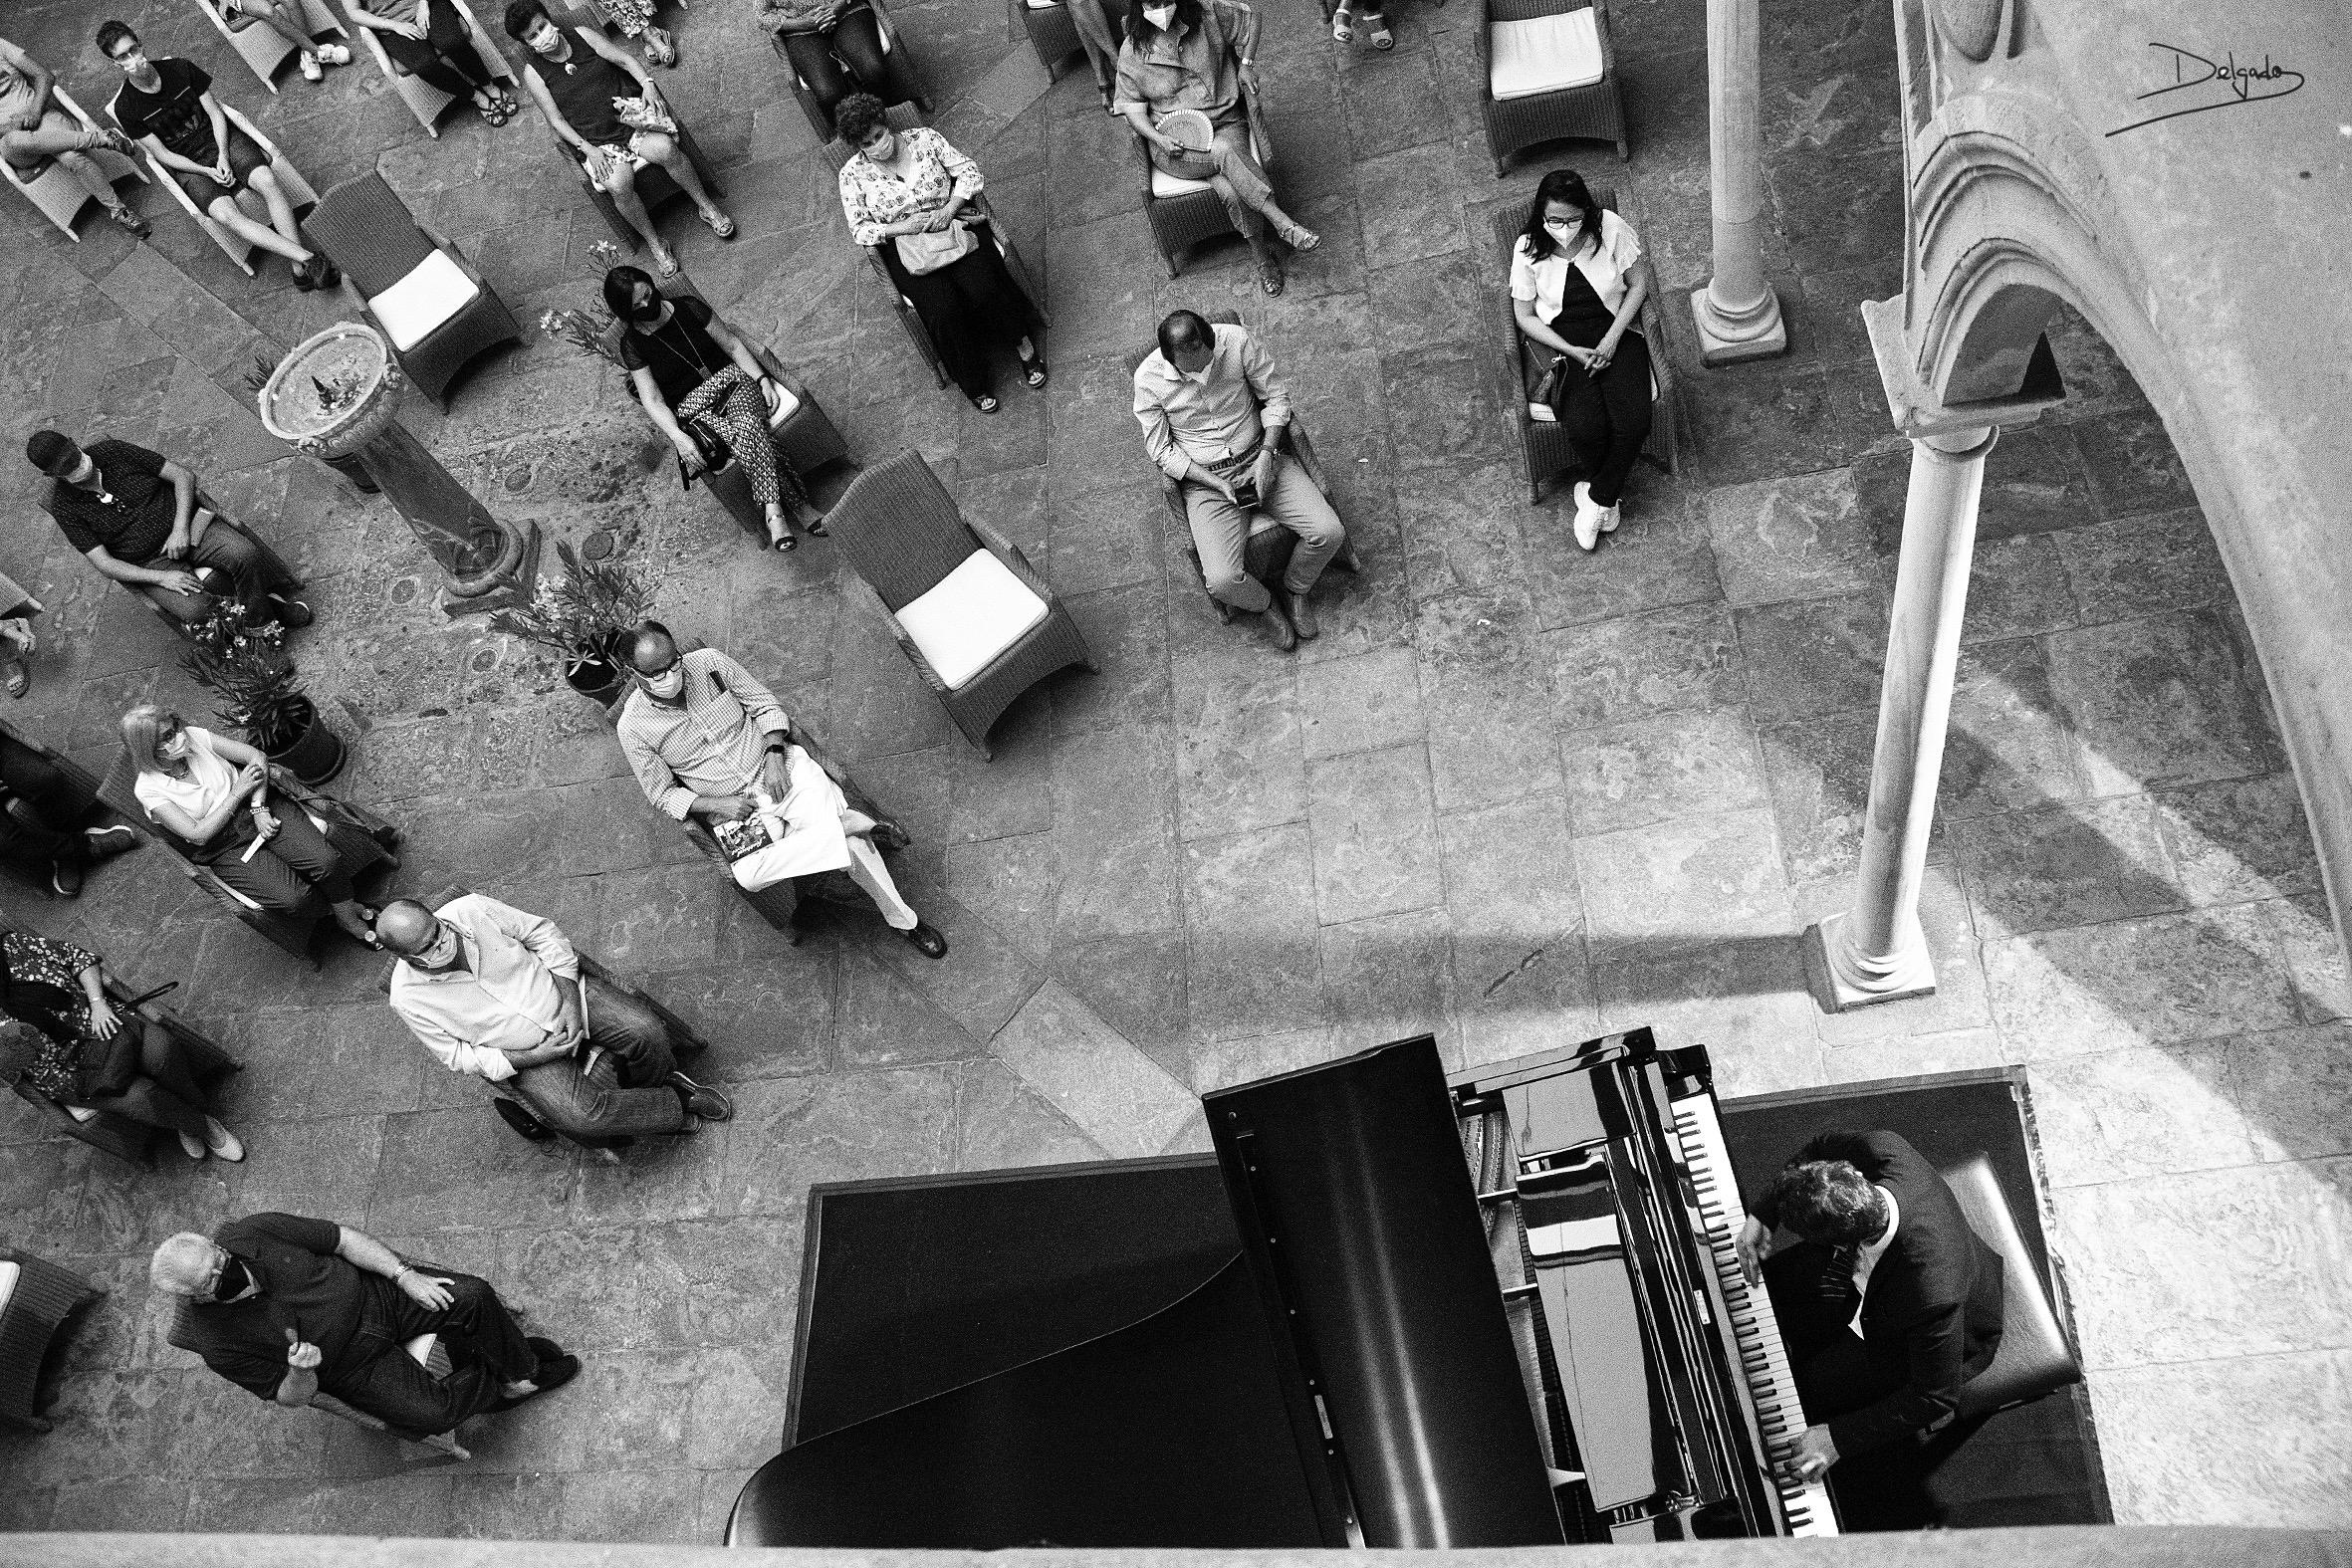 Crónica de un viernes completito: concierto, cuentos y homenaje a la comunidad educativa